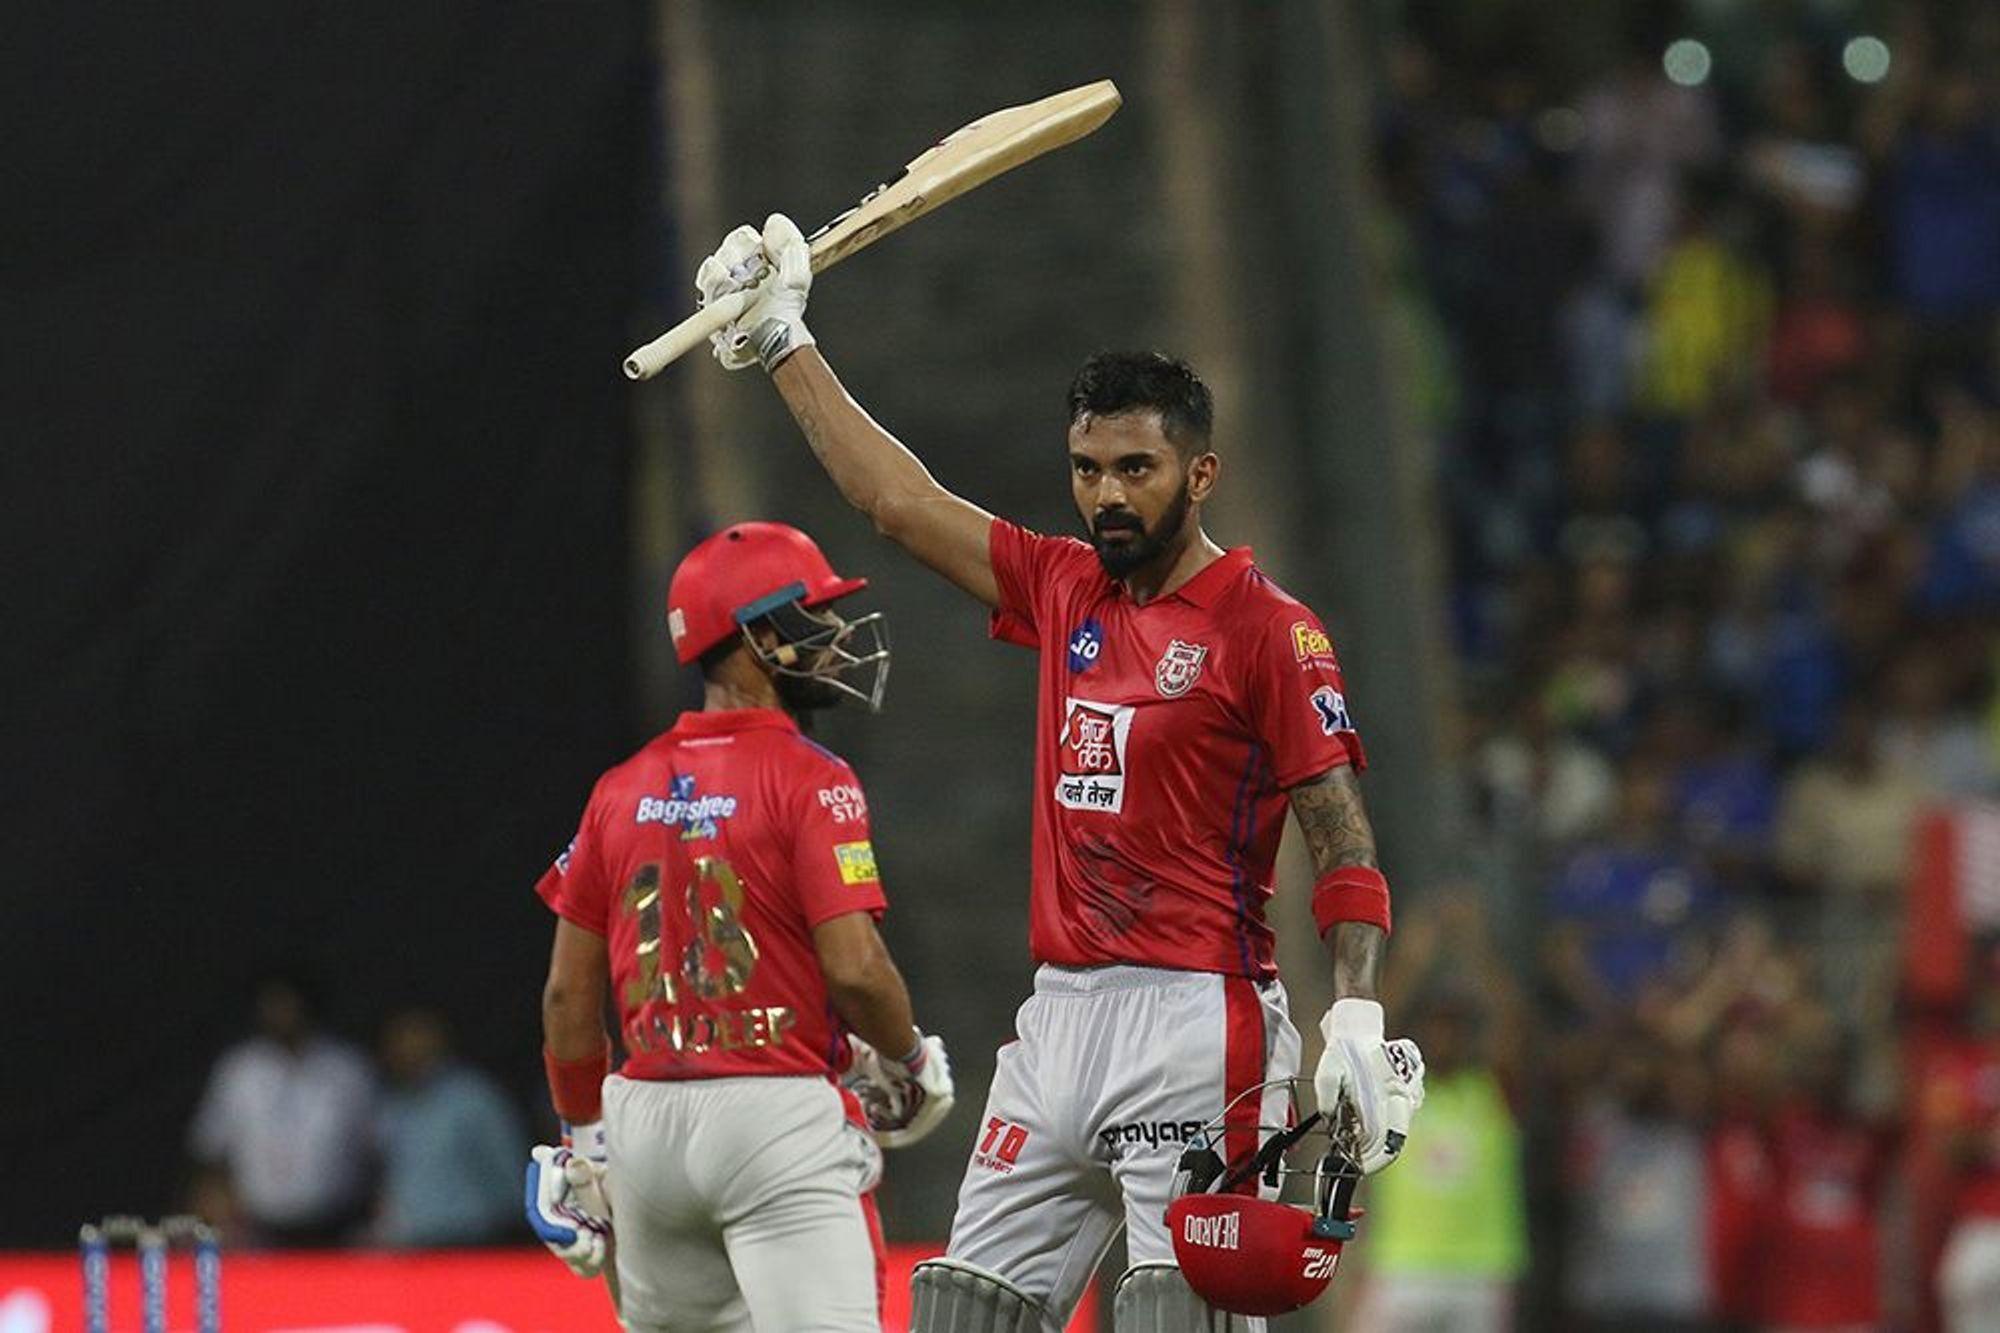 STATS: MIvsKXIP: मैच में बने कुल आठ बड़े रिकॉर्ड, ऐसा करने वाले पहले बल्लेबाज बने के एल राहुल